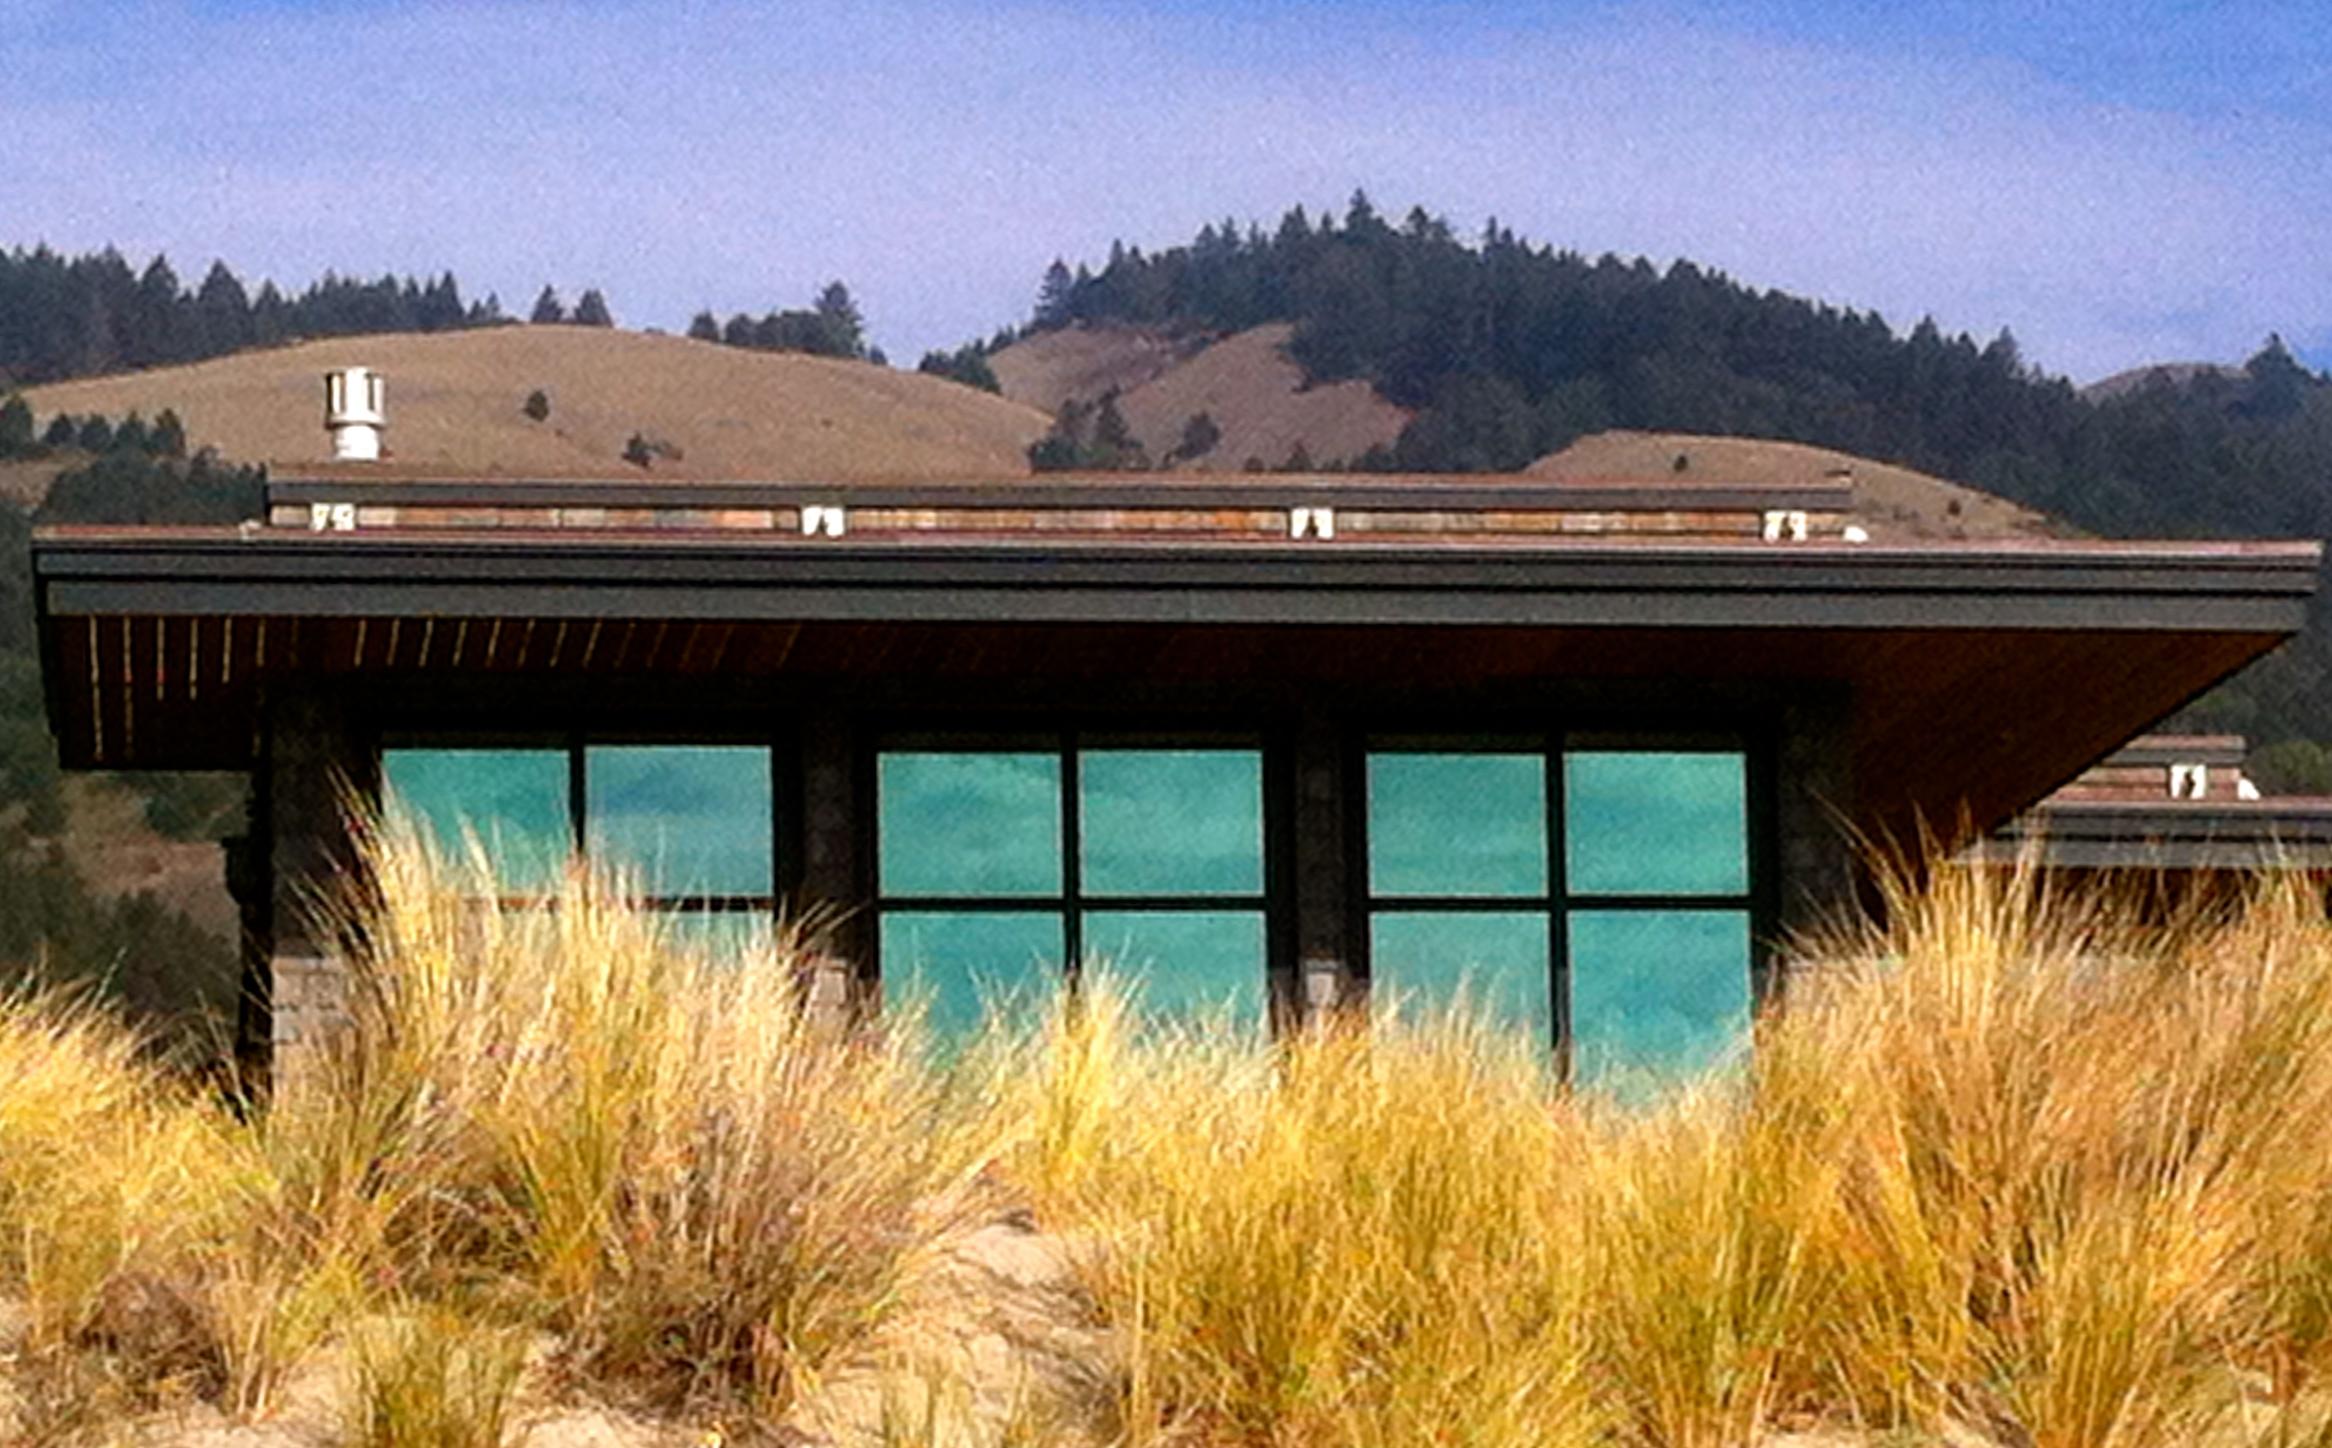 Home on Stinson Beach California